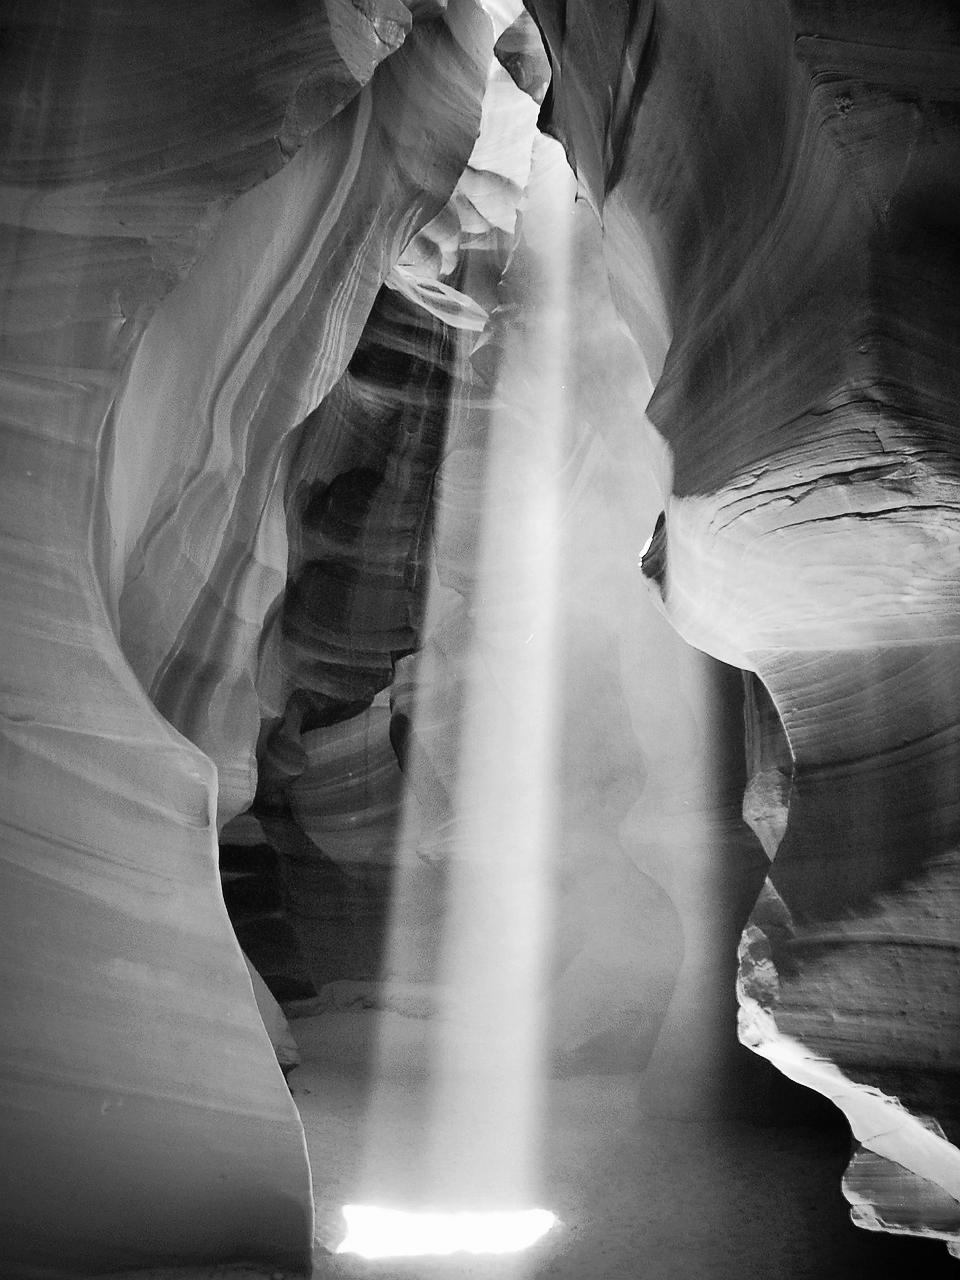 antelope-canyon-543590_1280.jpg